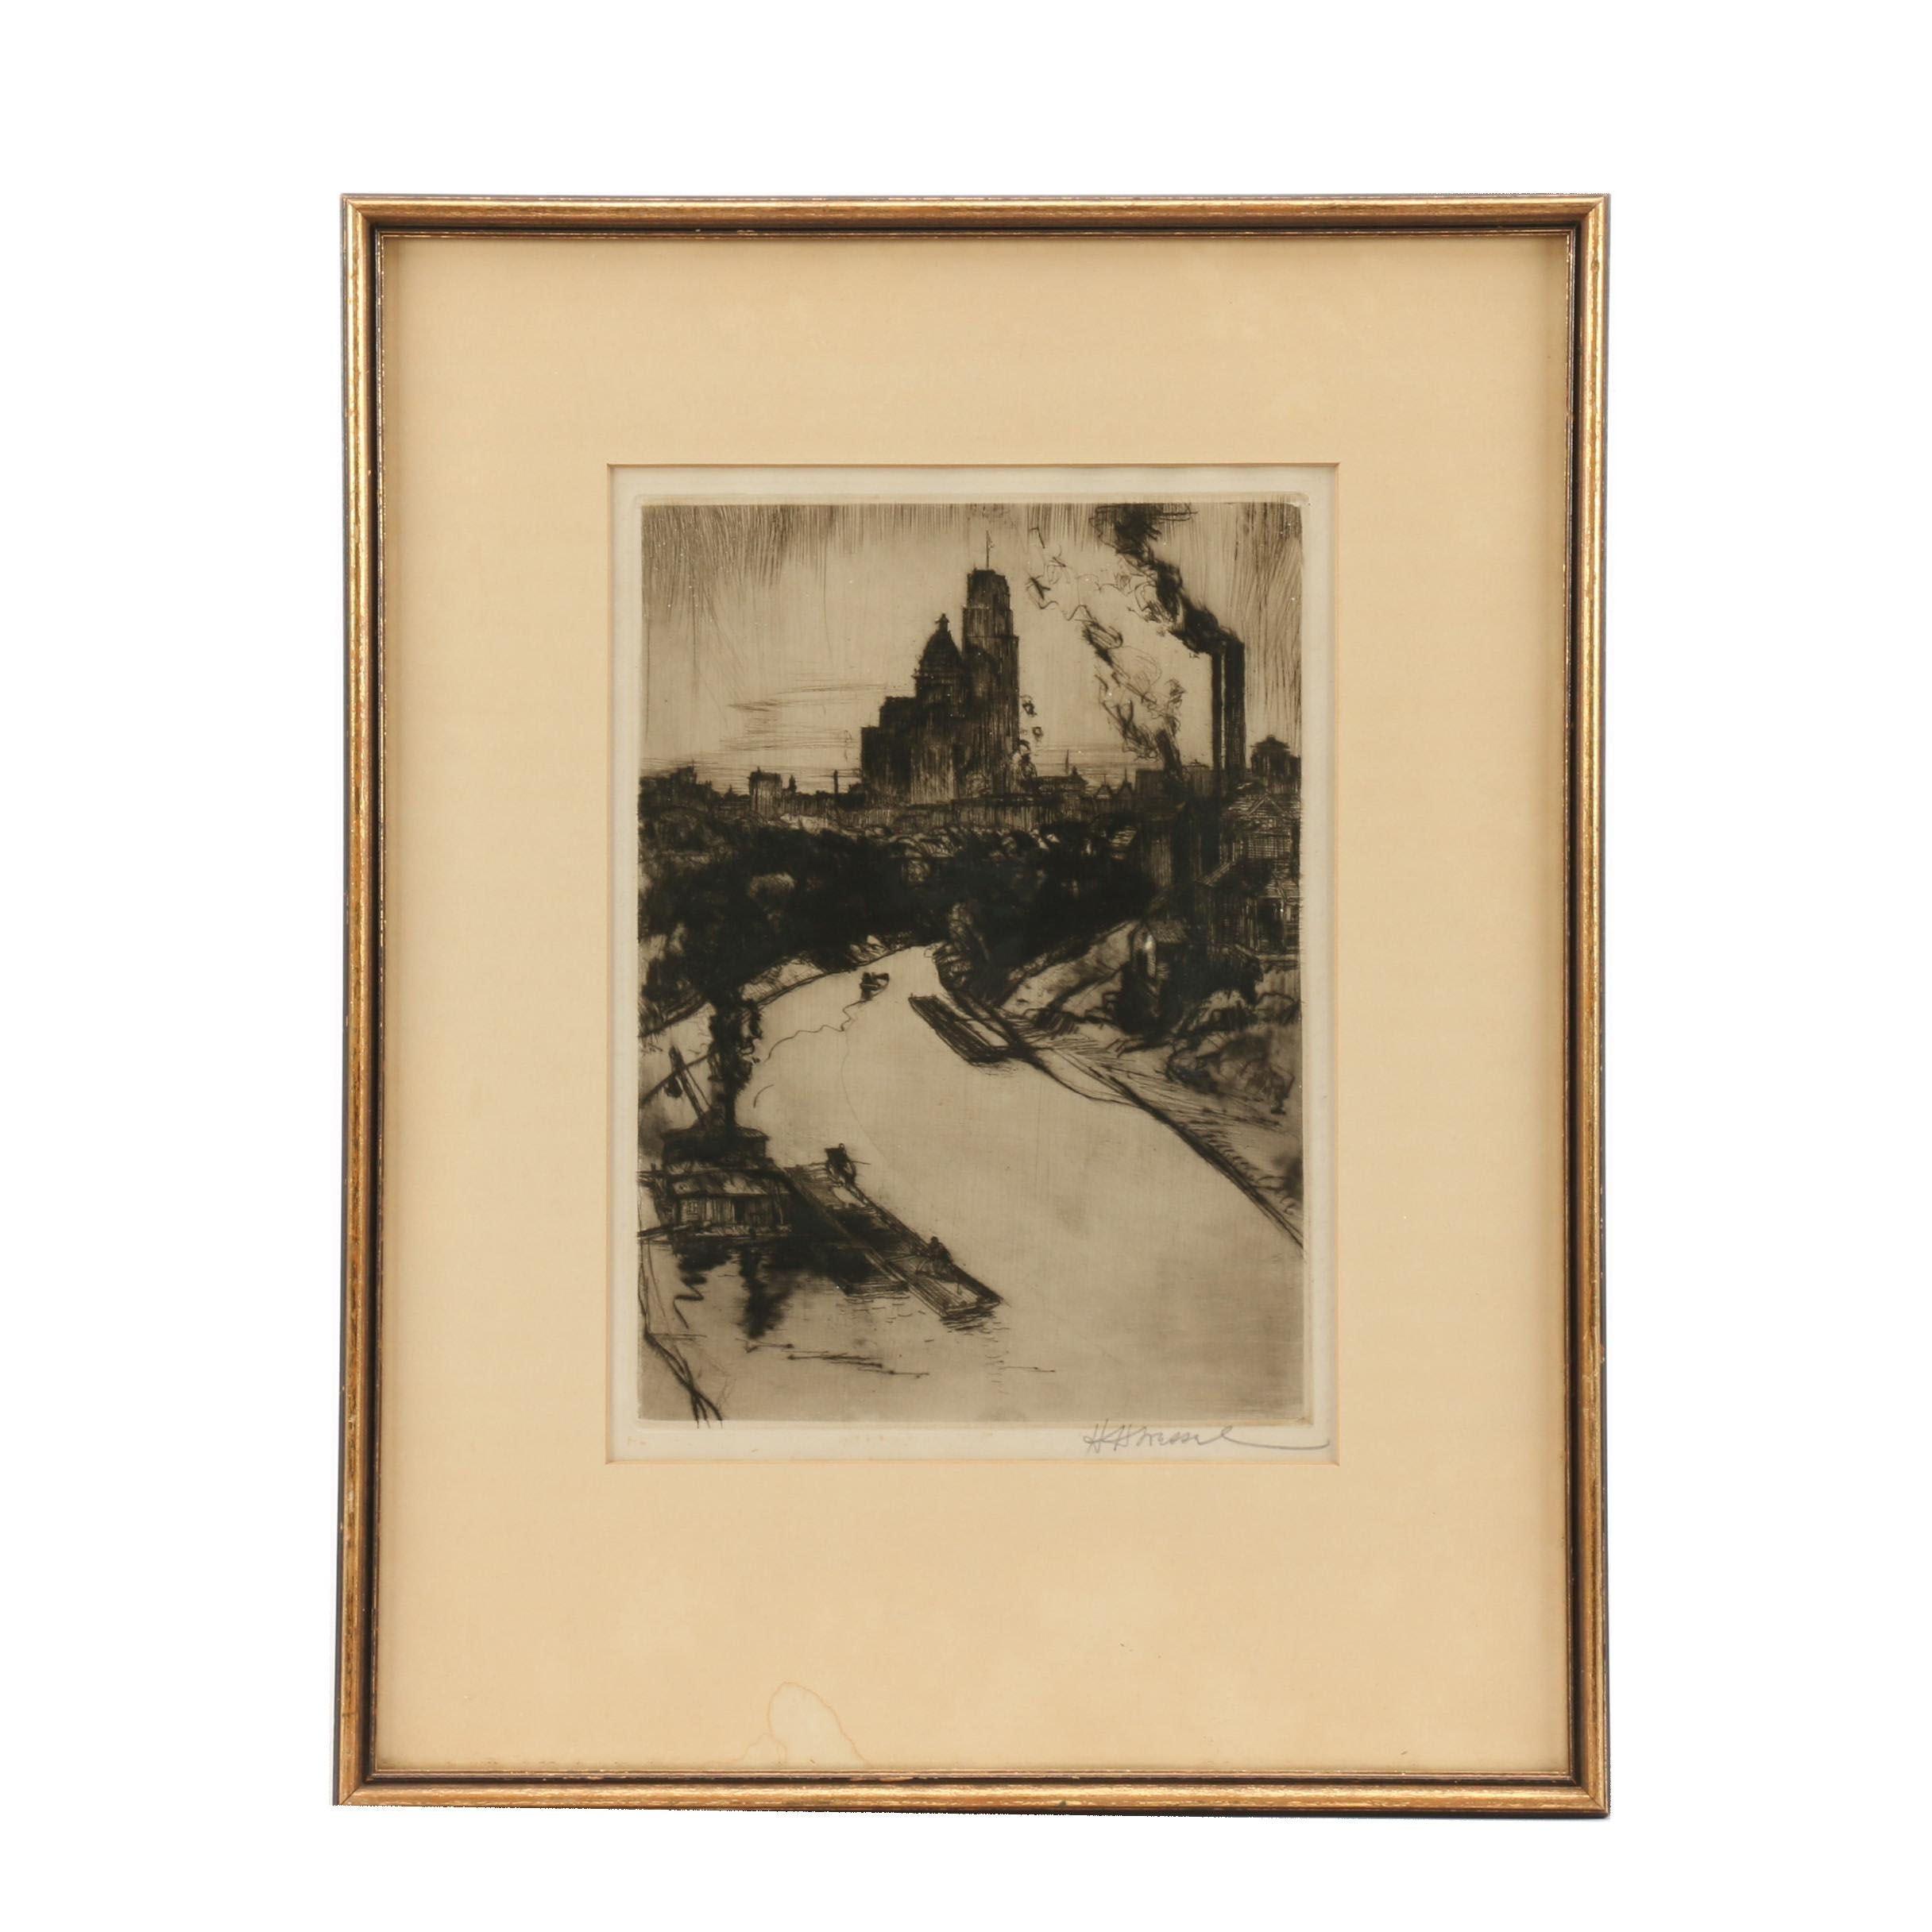 Herman Henry Wessel Drypoint Etching of Cincinnati River Scene